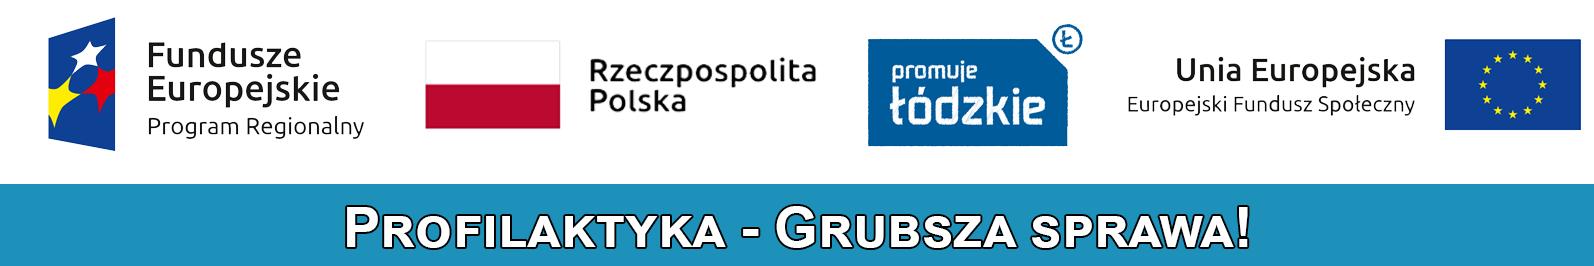 Logo projektu unijnego - Profilaktyka - grubsza sprawa!